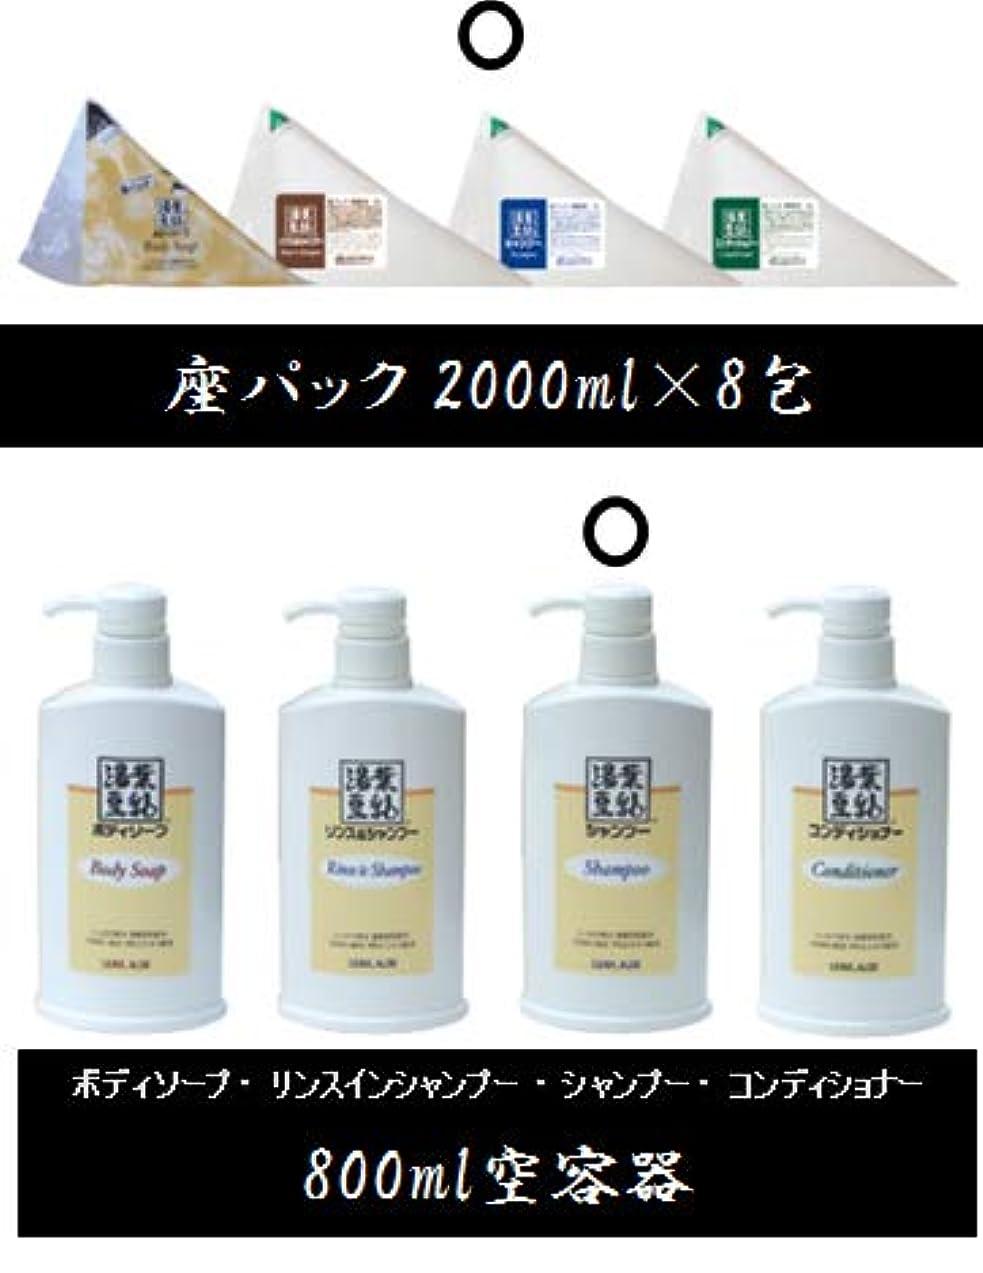 細胞船乗りピンフタバ化学 湯葉豆乳シャンプー 16L詰め替え(2Lパック×8包) 800ml空容器付